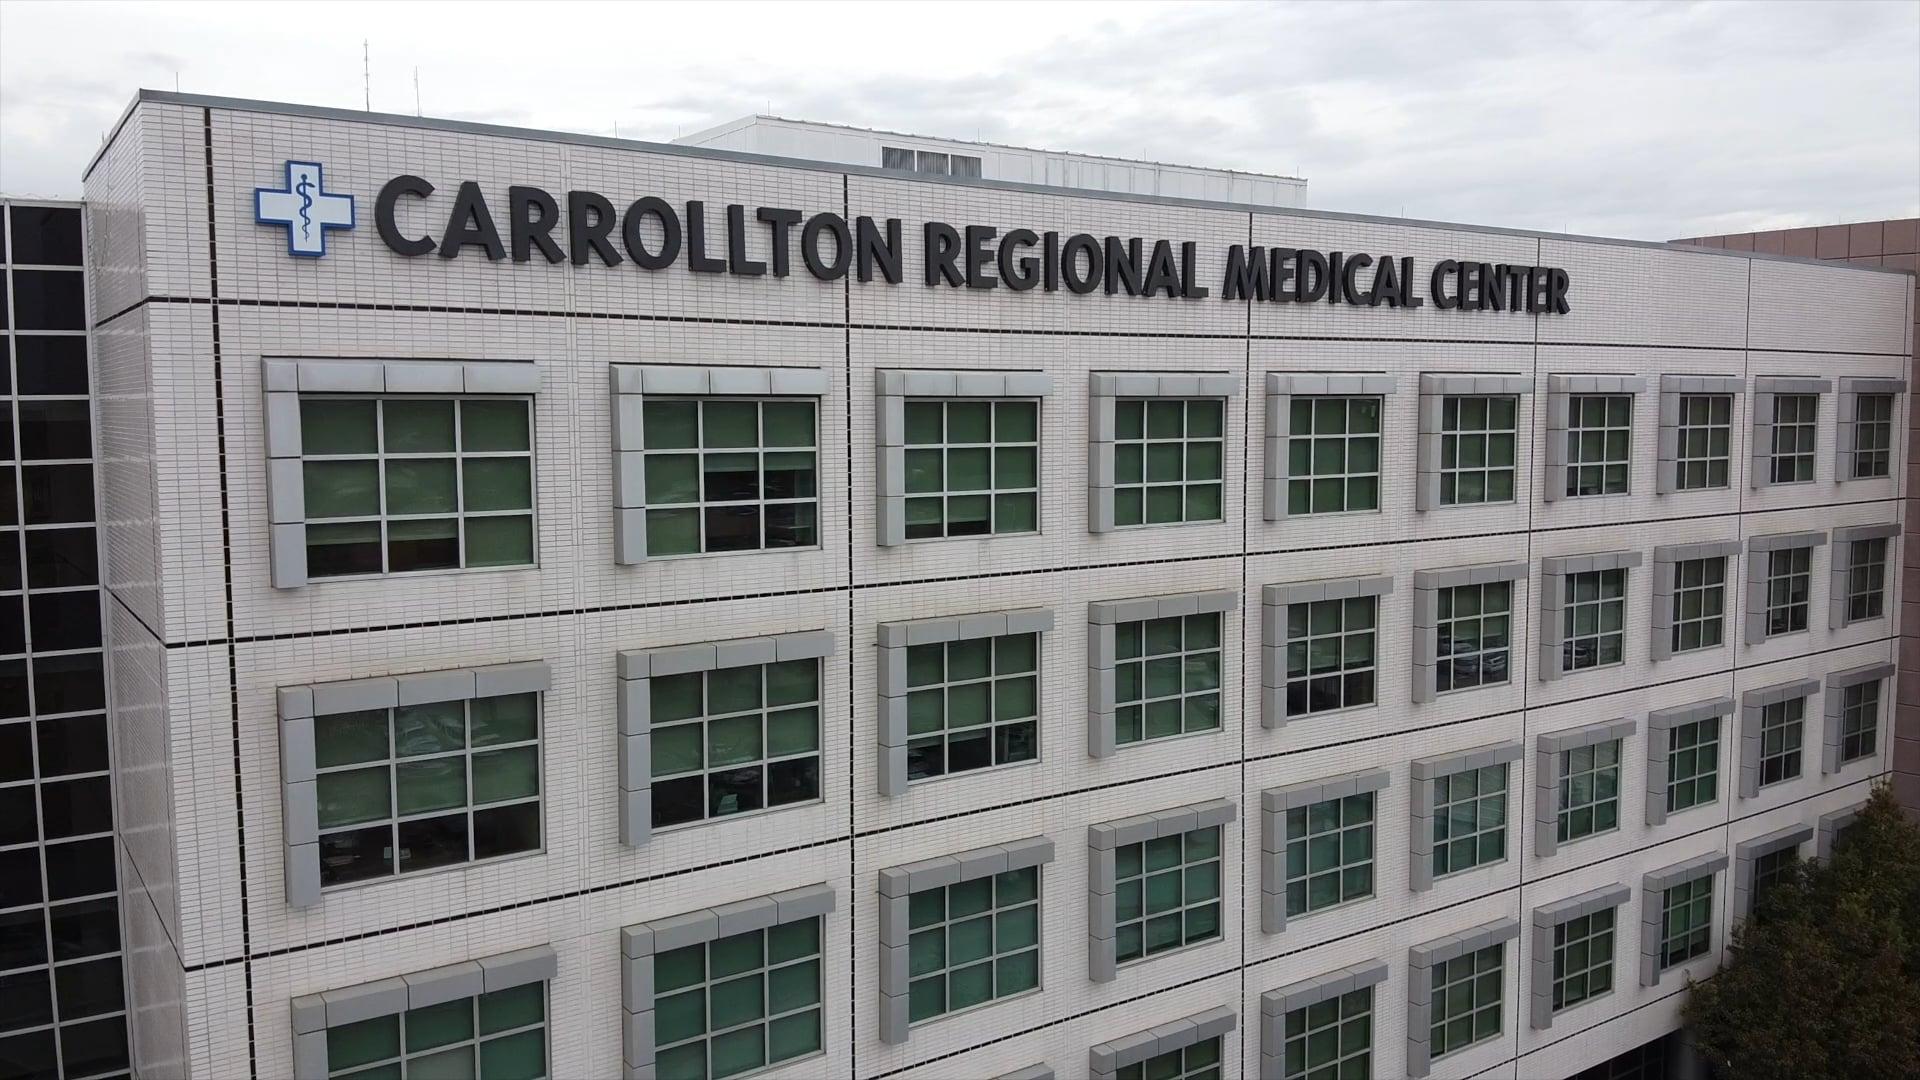 Carrollton Regional Medical Center